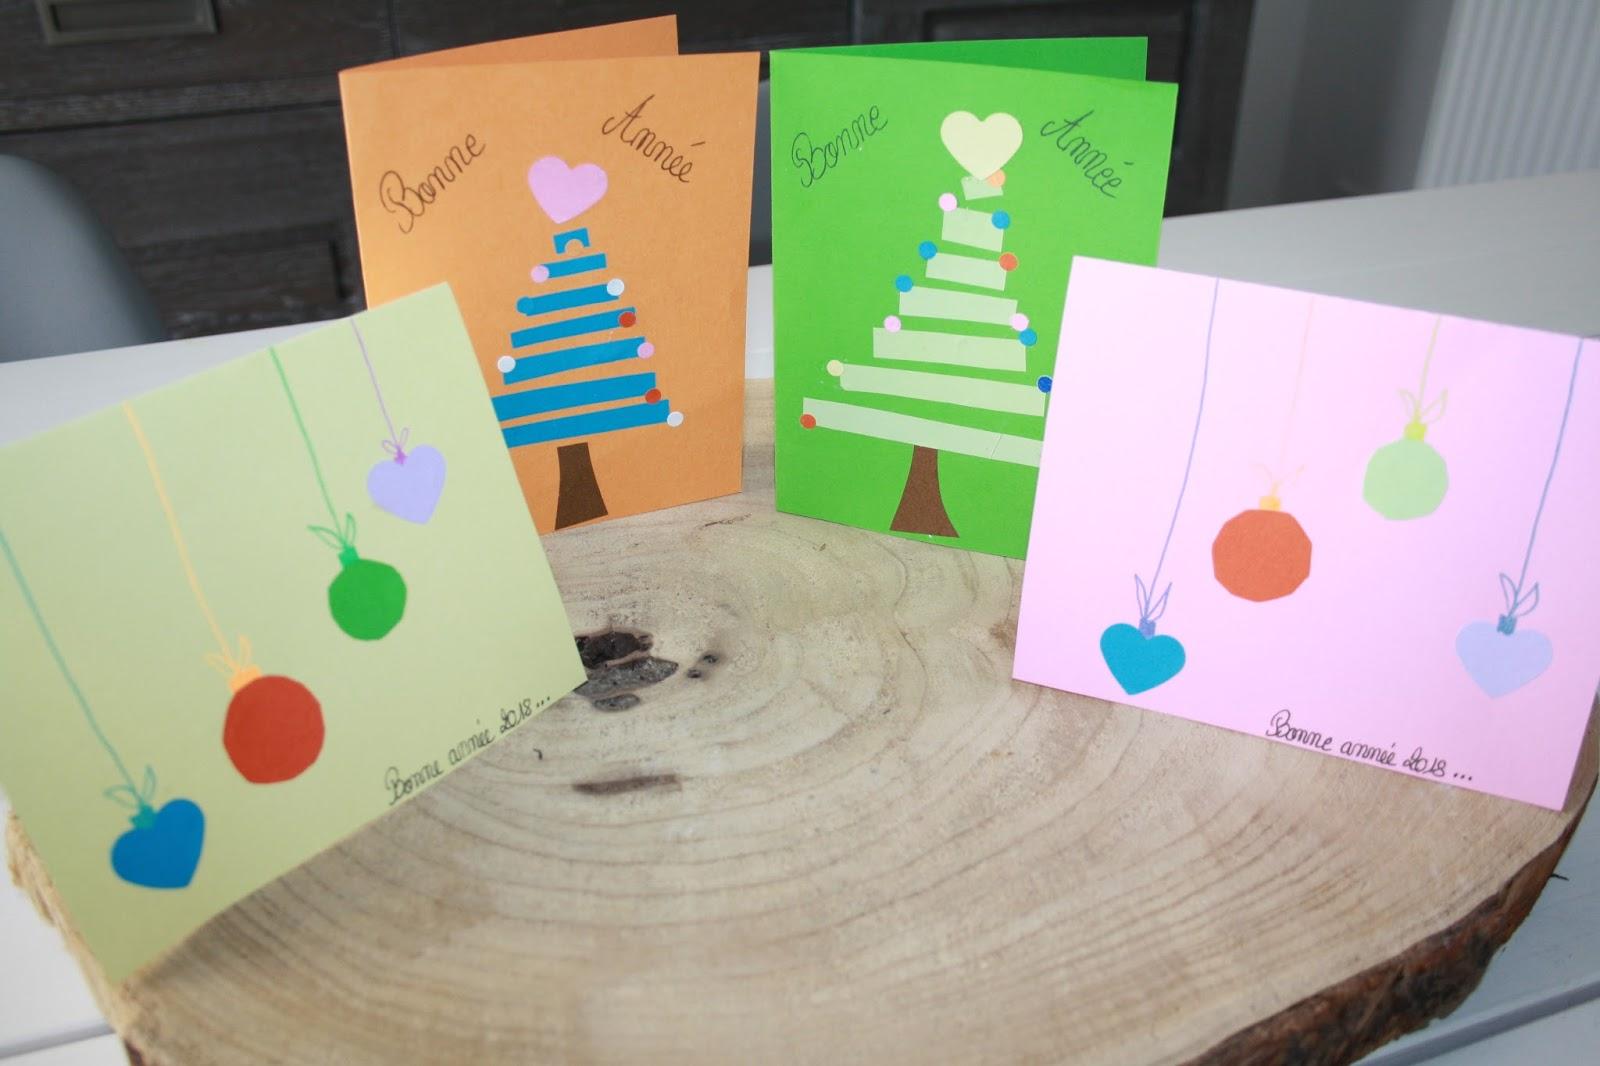 activité manuelle : faire des cartes de voeux avec les enfants